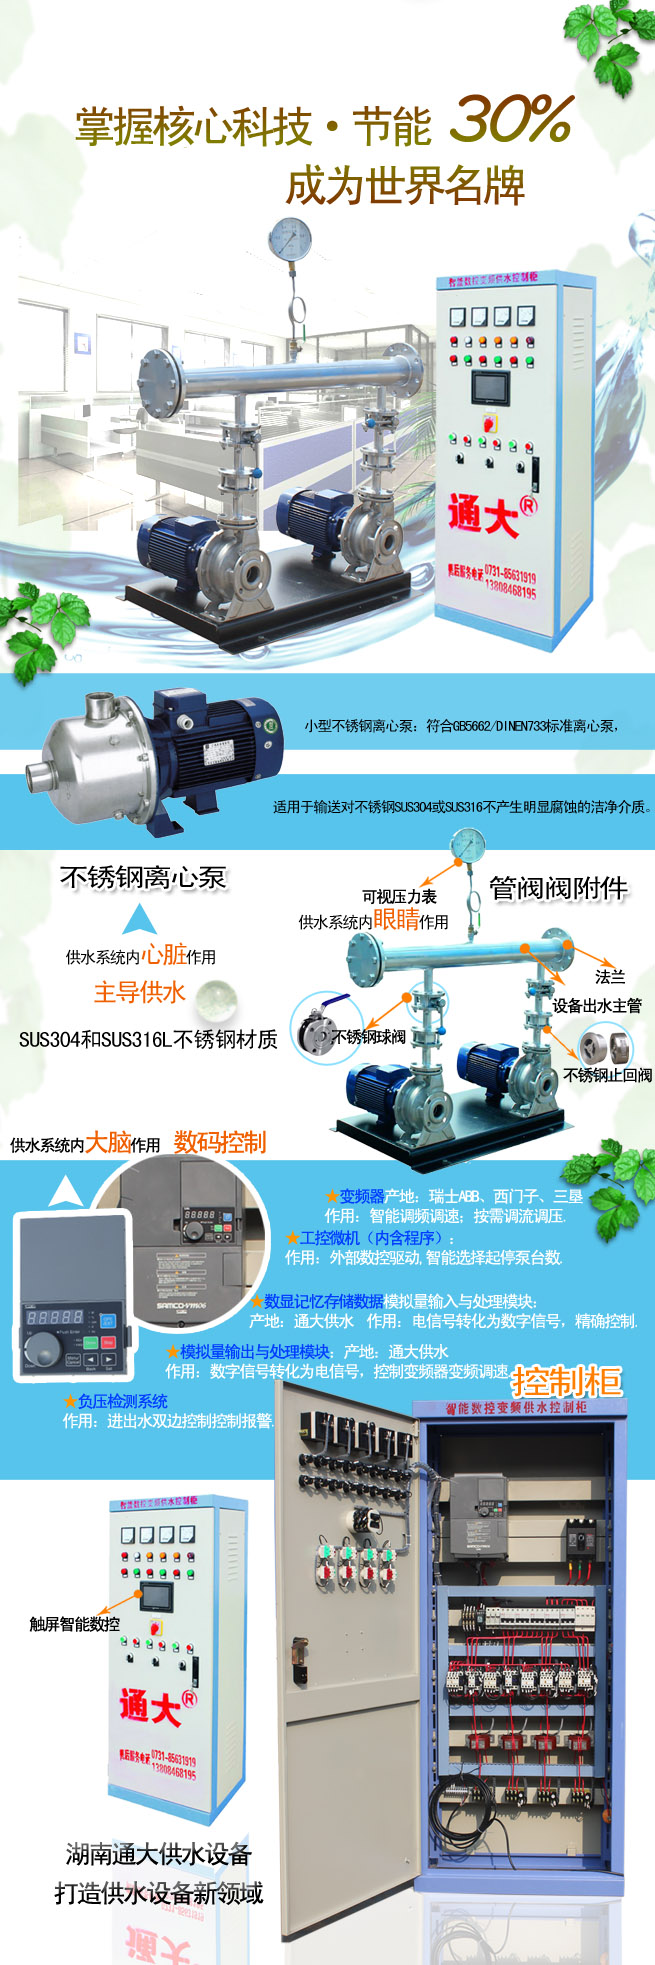 自吸式第Ⅲ代变频恒压供水设备